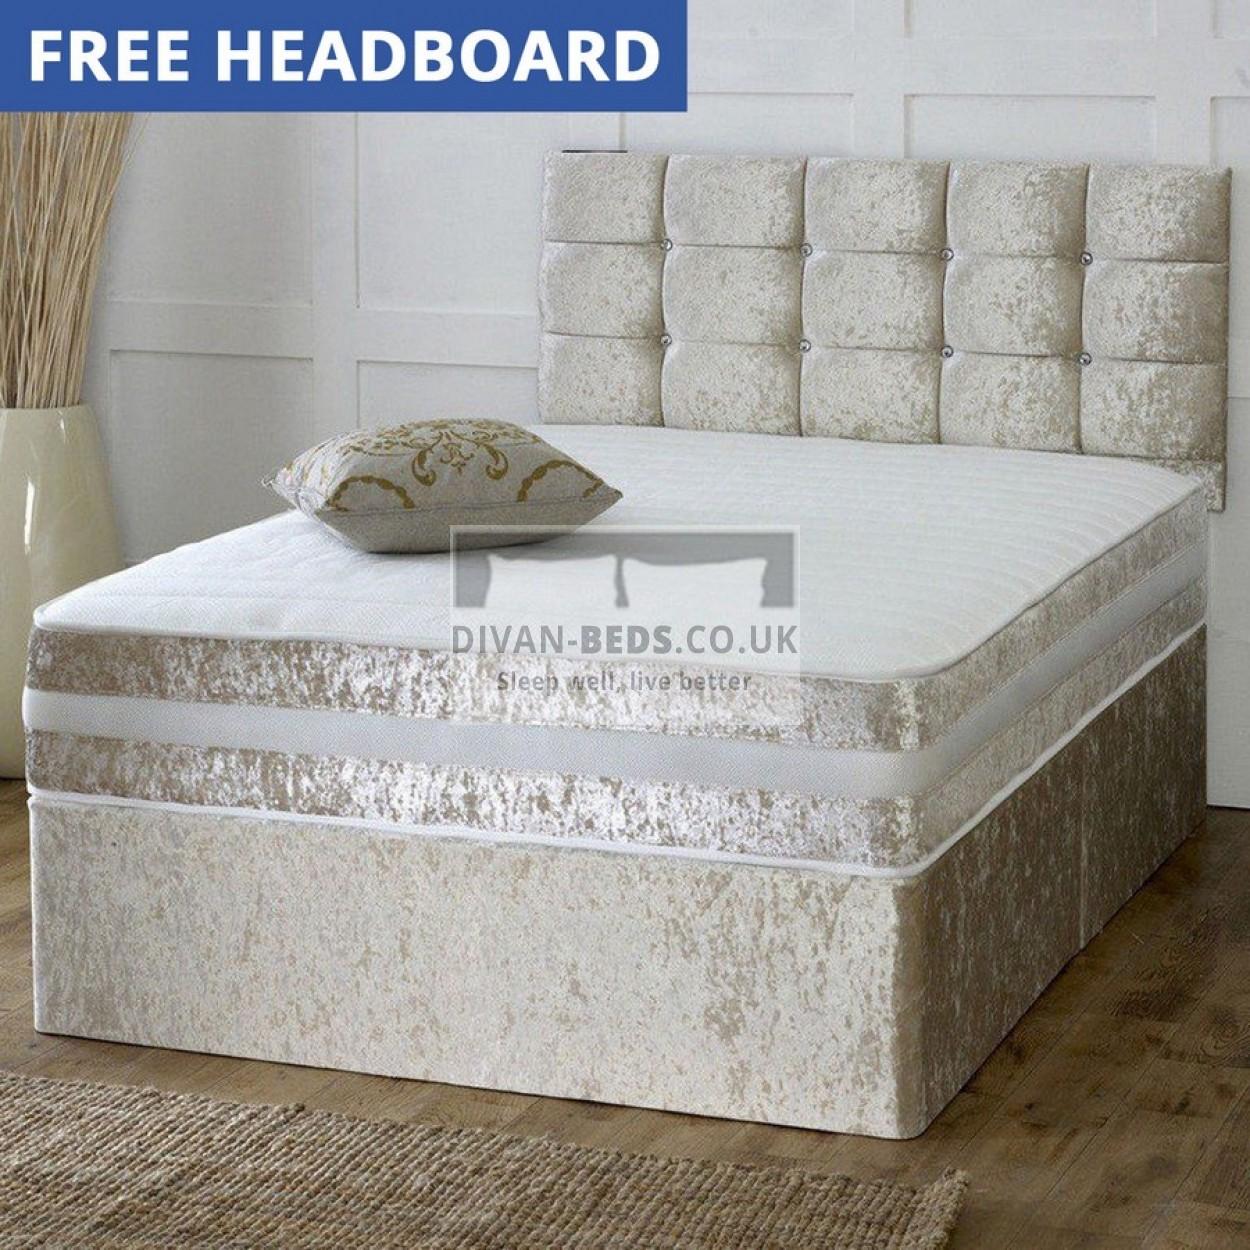 Patrick crushed velvet divan bed with 1500 pocket spring for Sprung base divan bed with storage